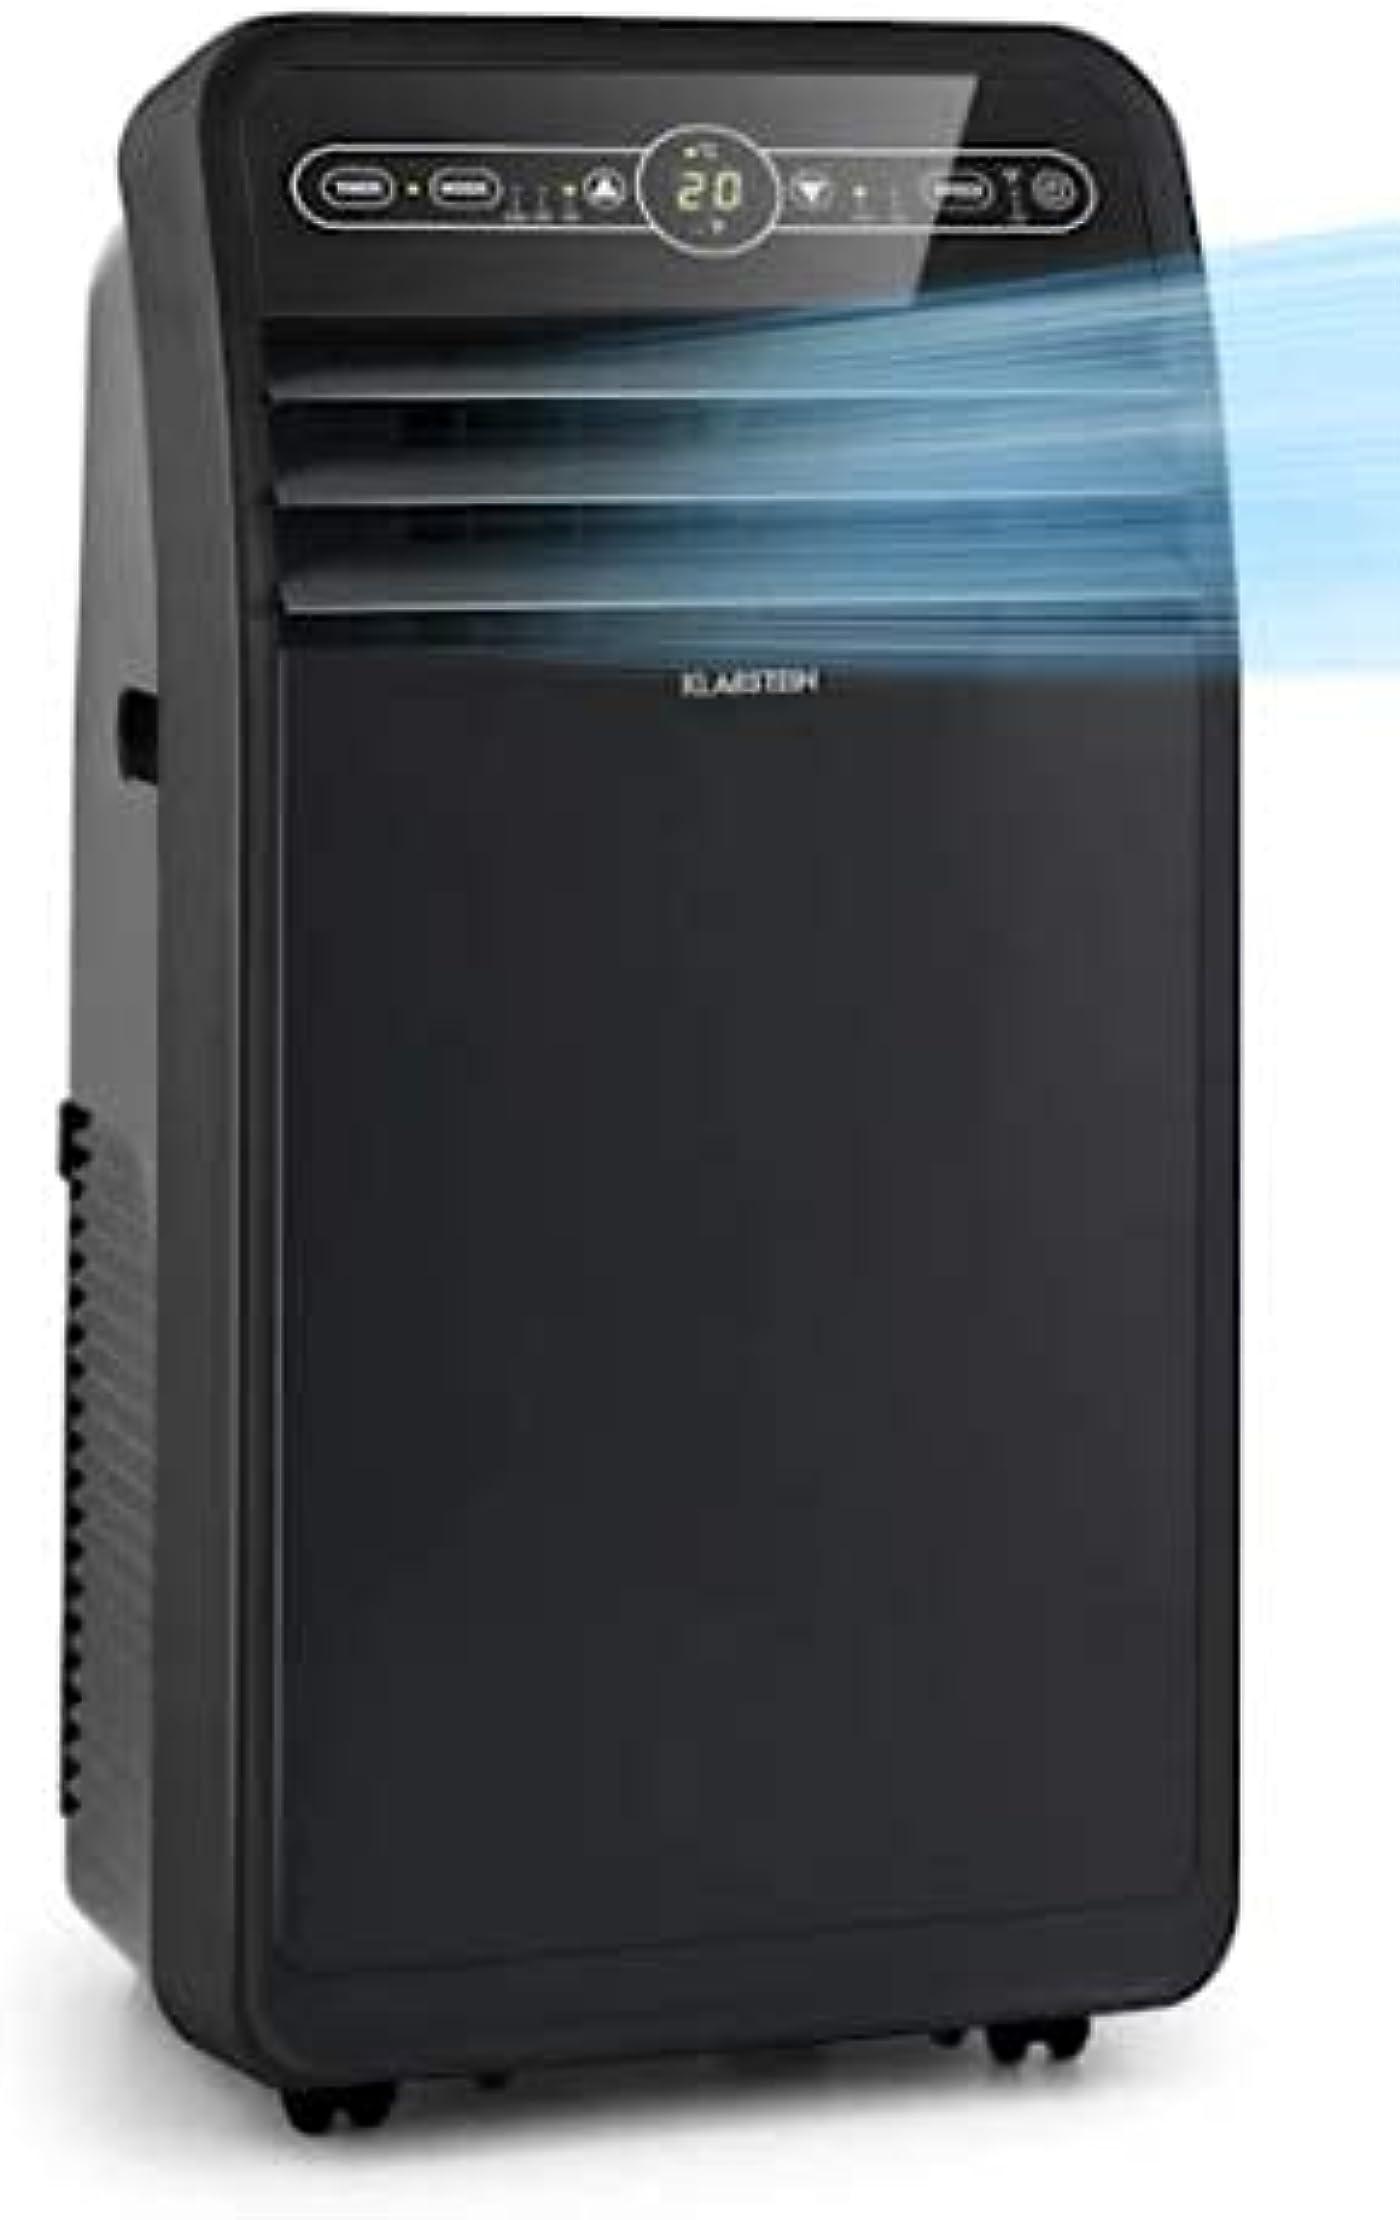 Climatizzatore portatile, 3in1: climatizzatore/deumidificatore/ventilatore, wi-fi: appcontrol klarstein DXJ2-90300-loik